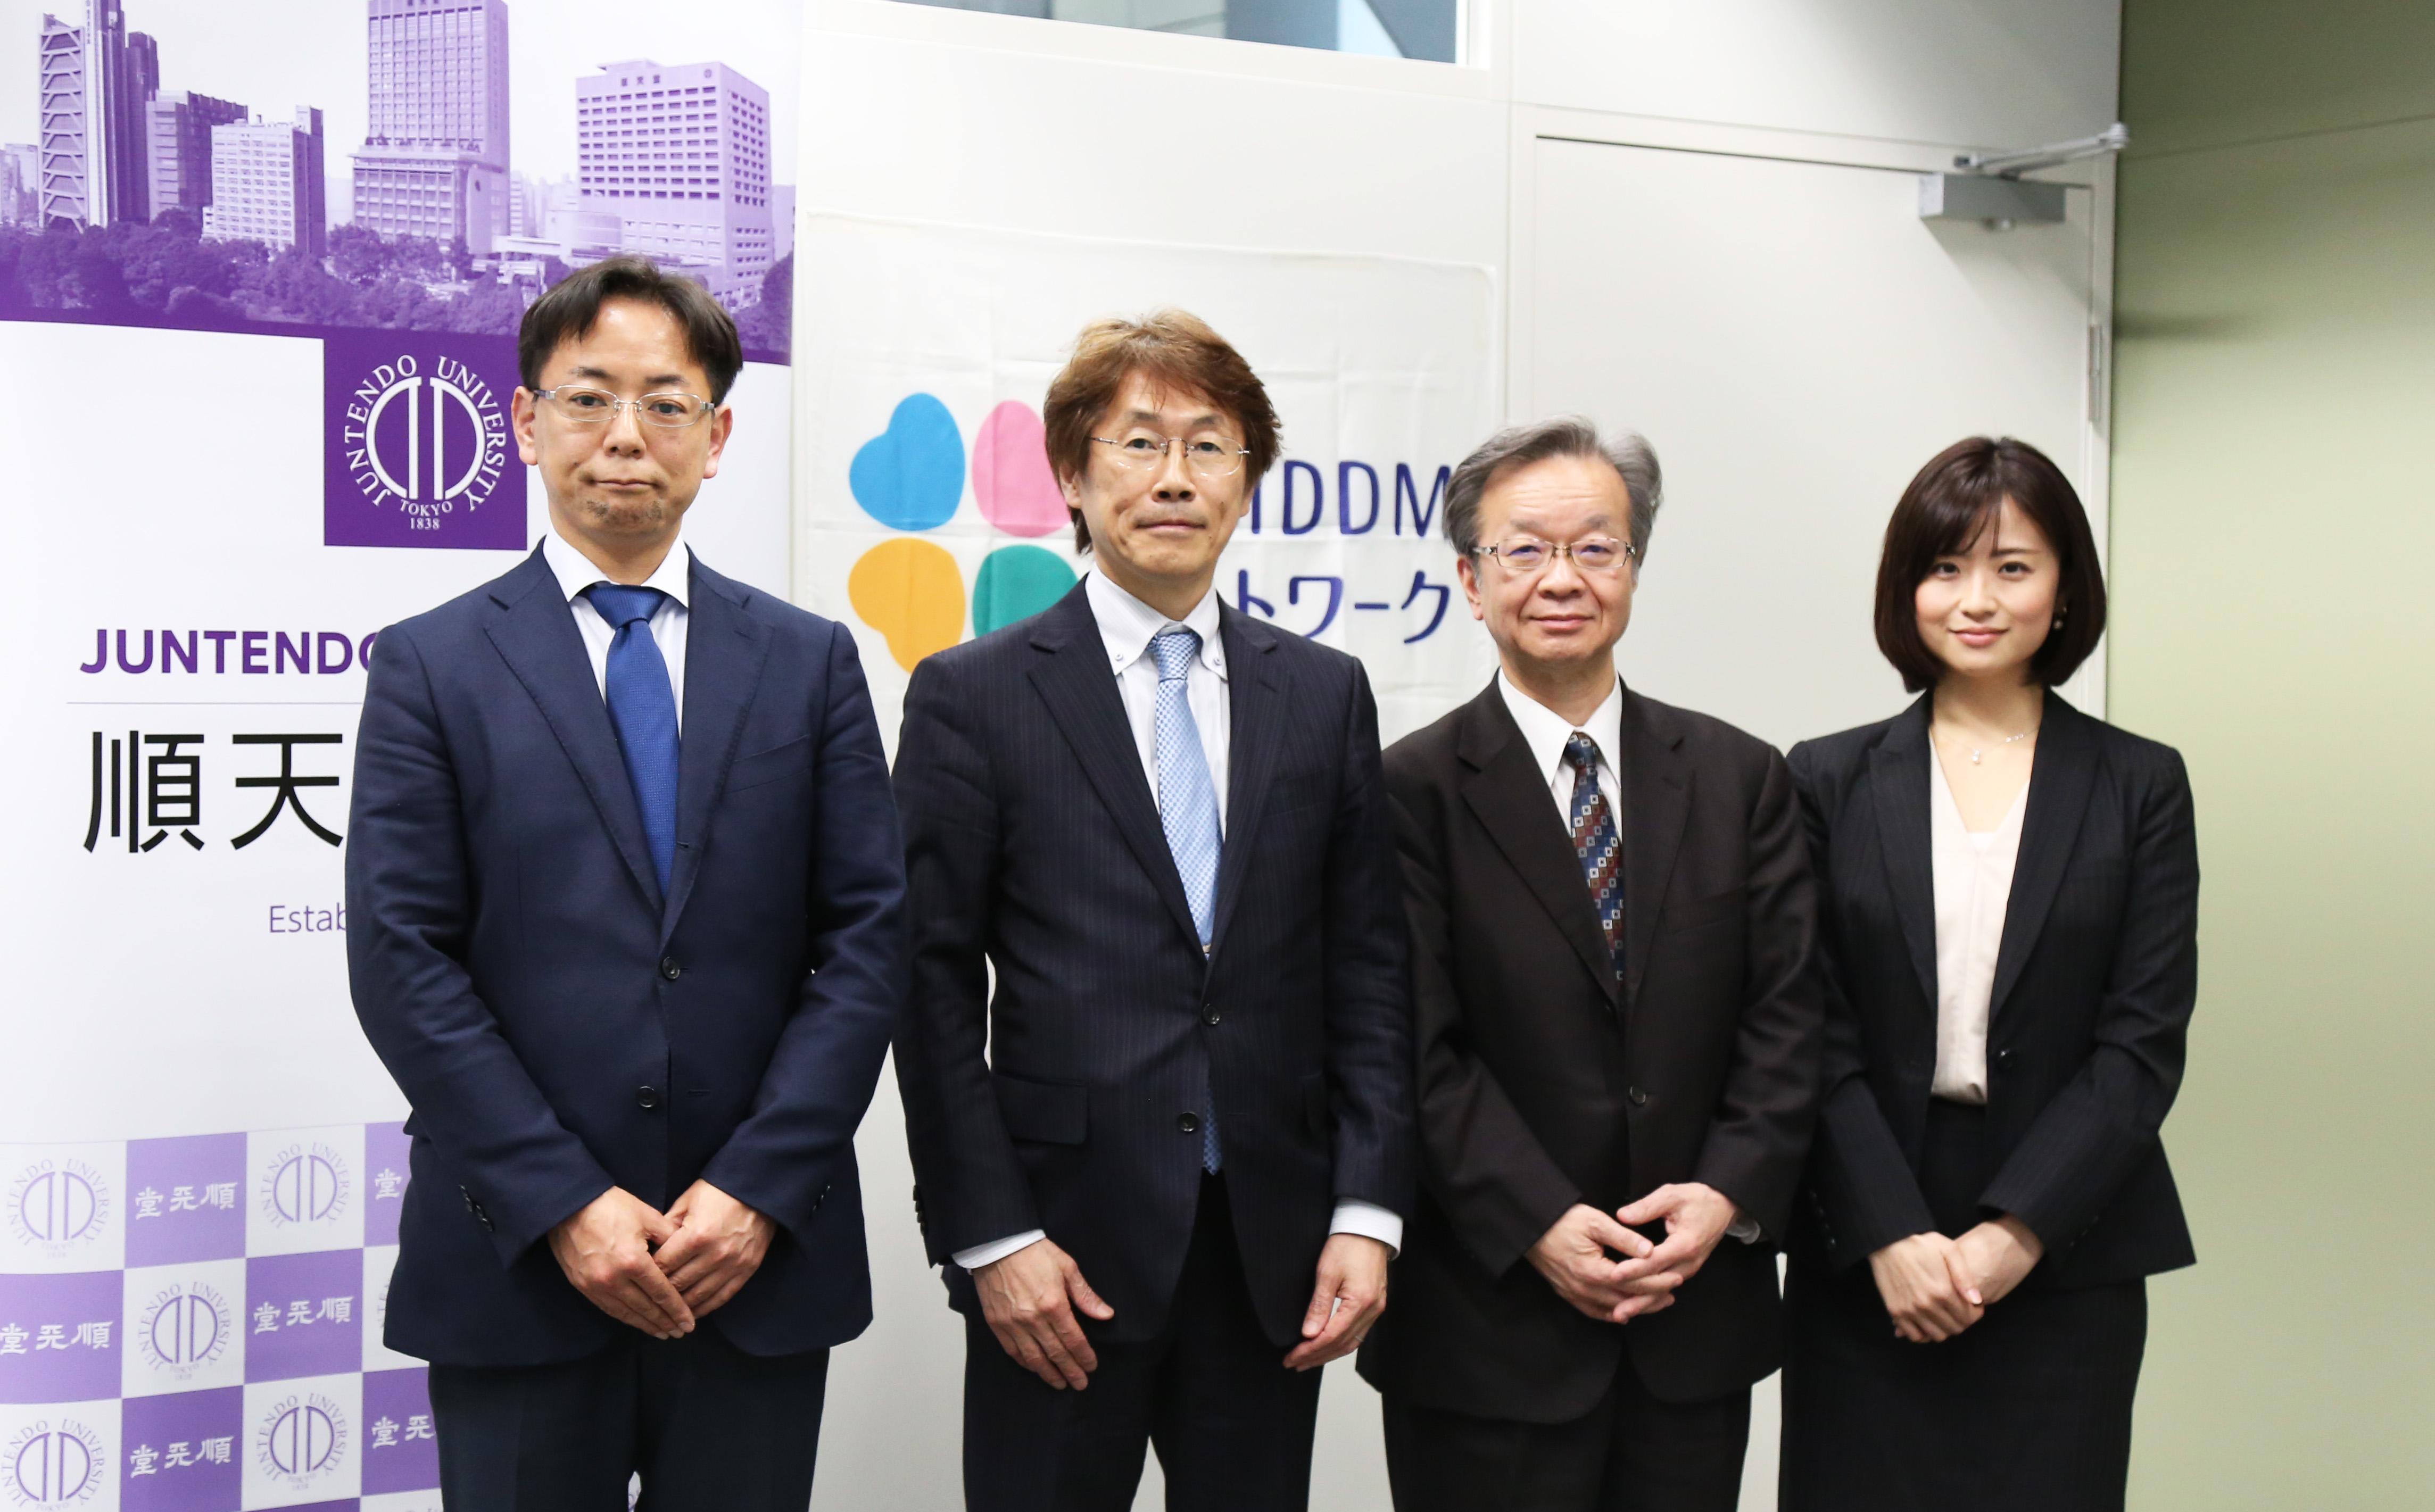 日本IDDMネットワーク、順天堂大学と国内初となる「循環型研究資金」の取り組みを開始